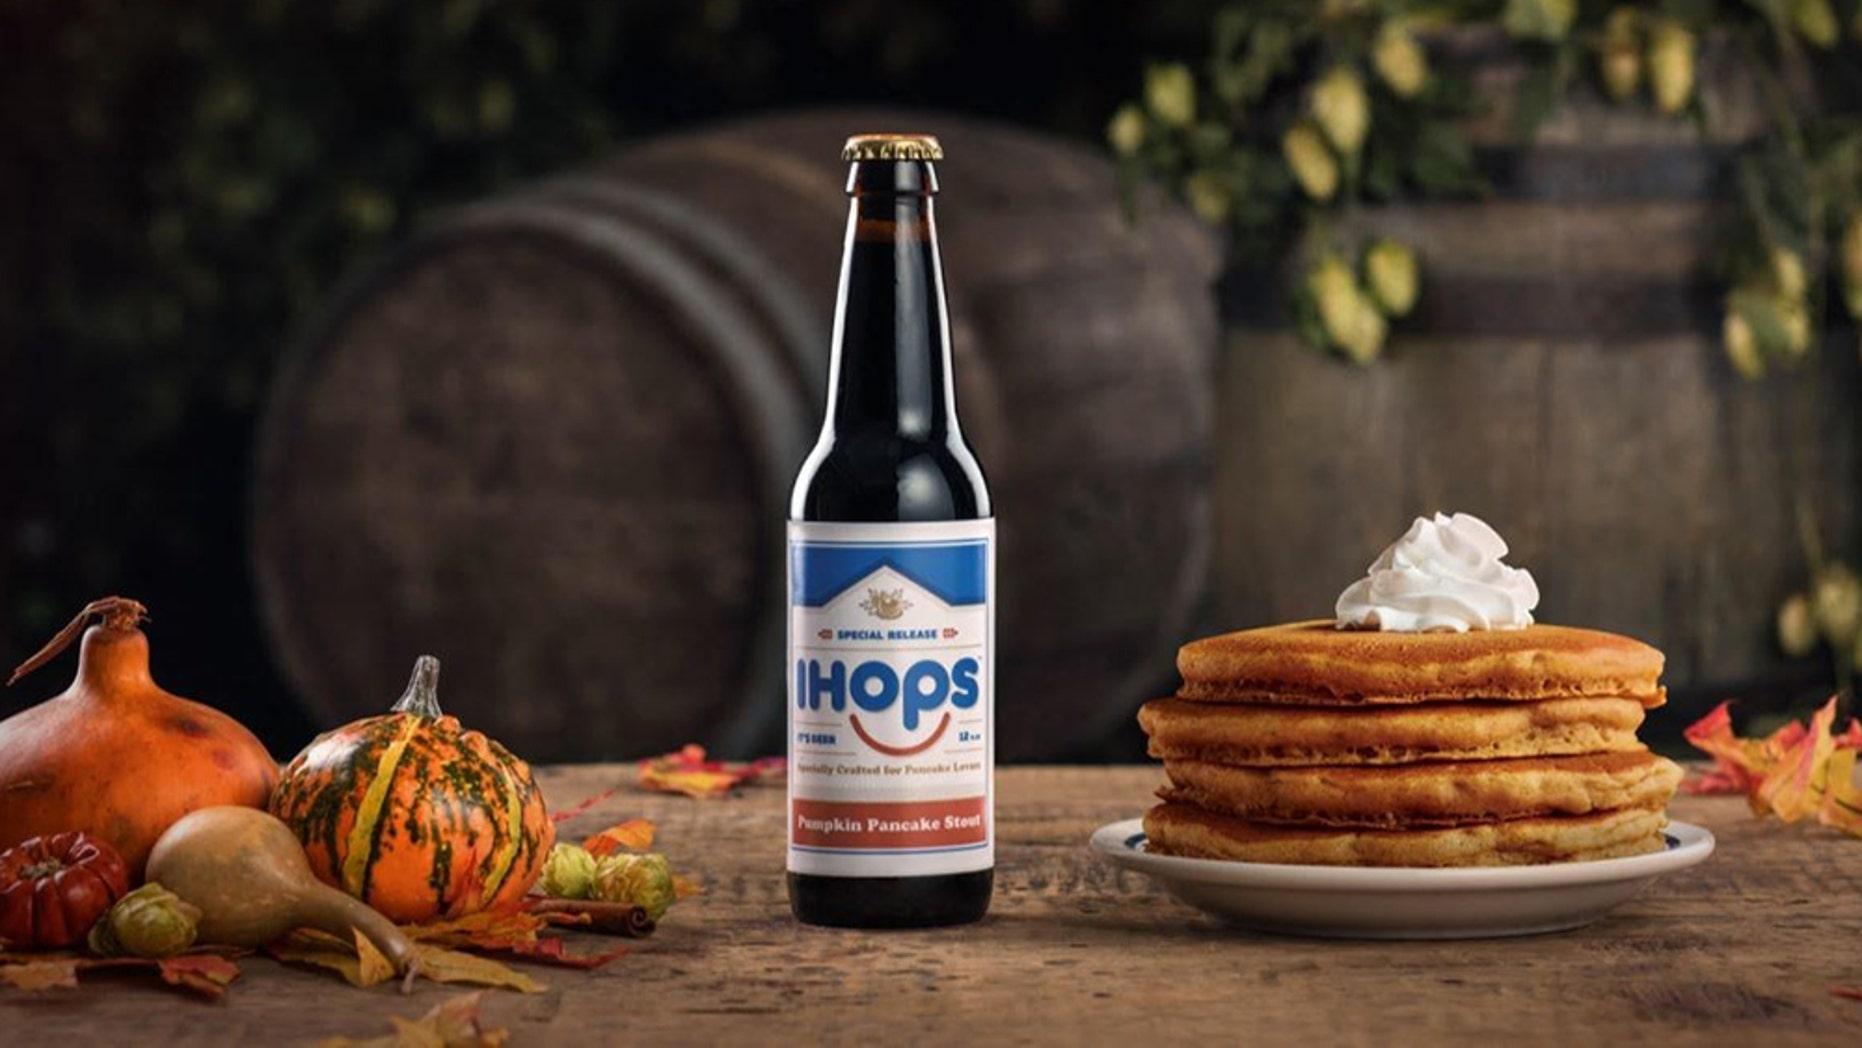 IHOP debuts pancake-infused beer called IHOPs, brews it with